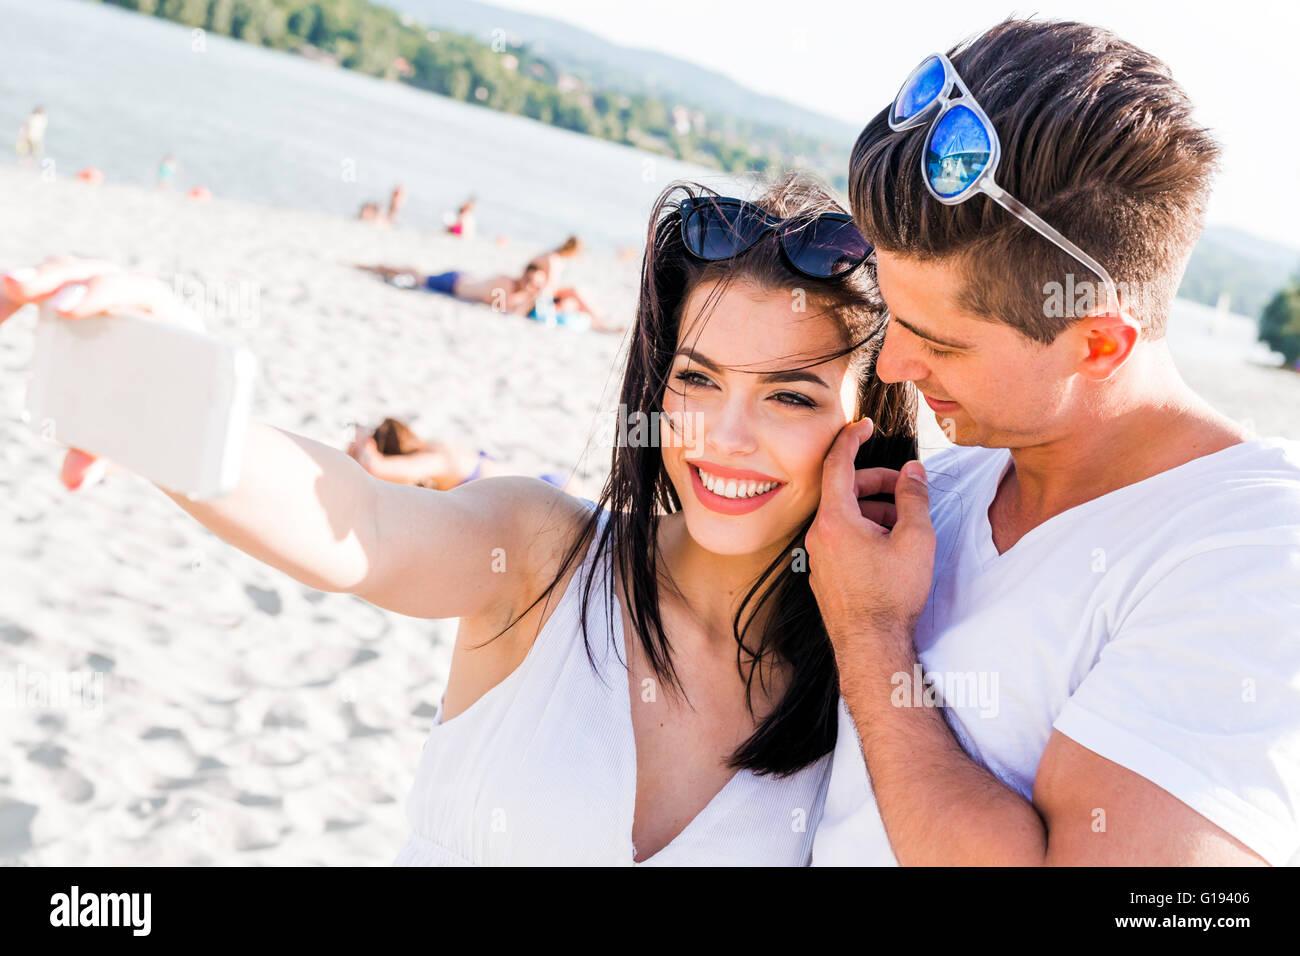 Prendre un beau couple de selfies eux-mêmes un jour d'été Photo Stock